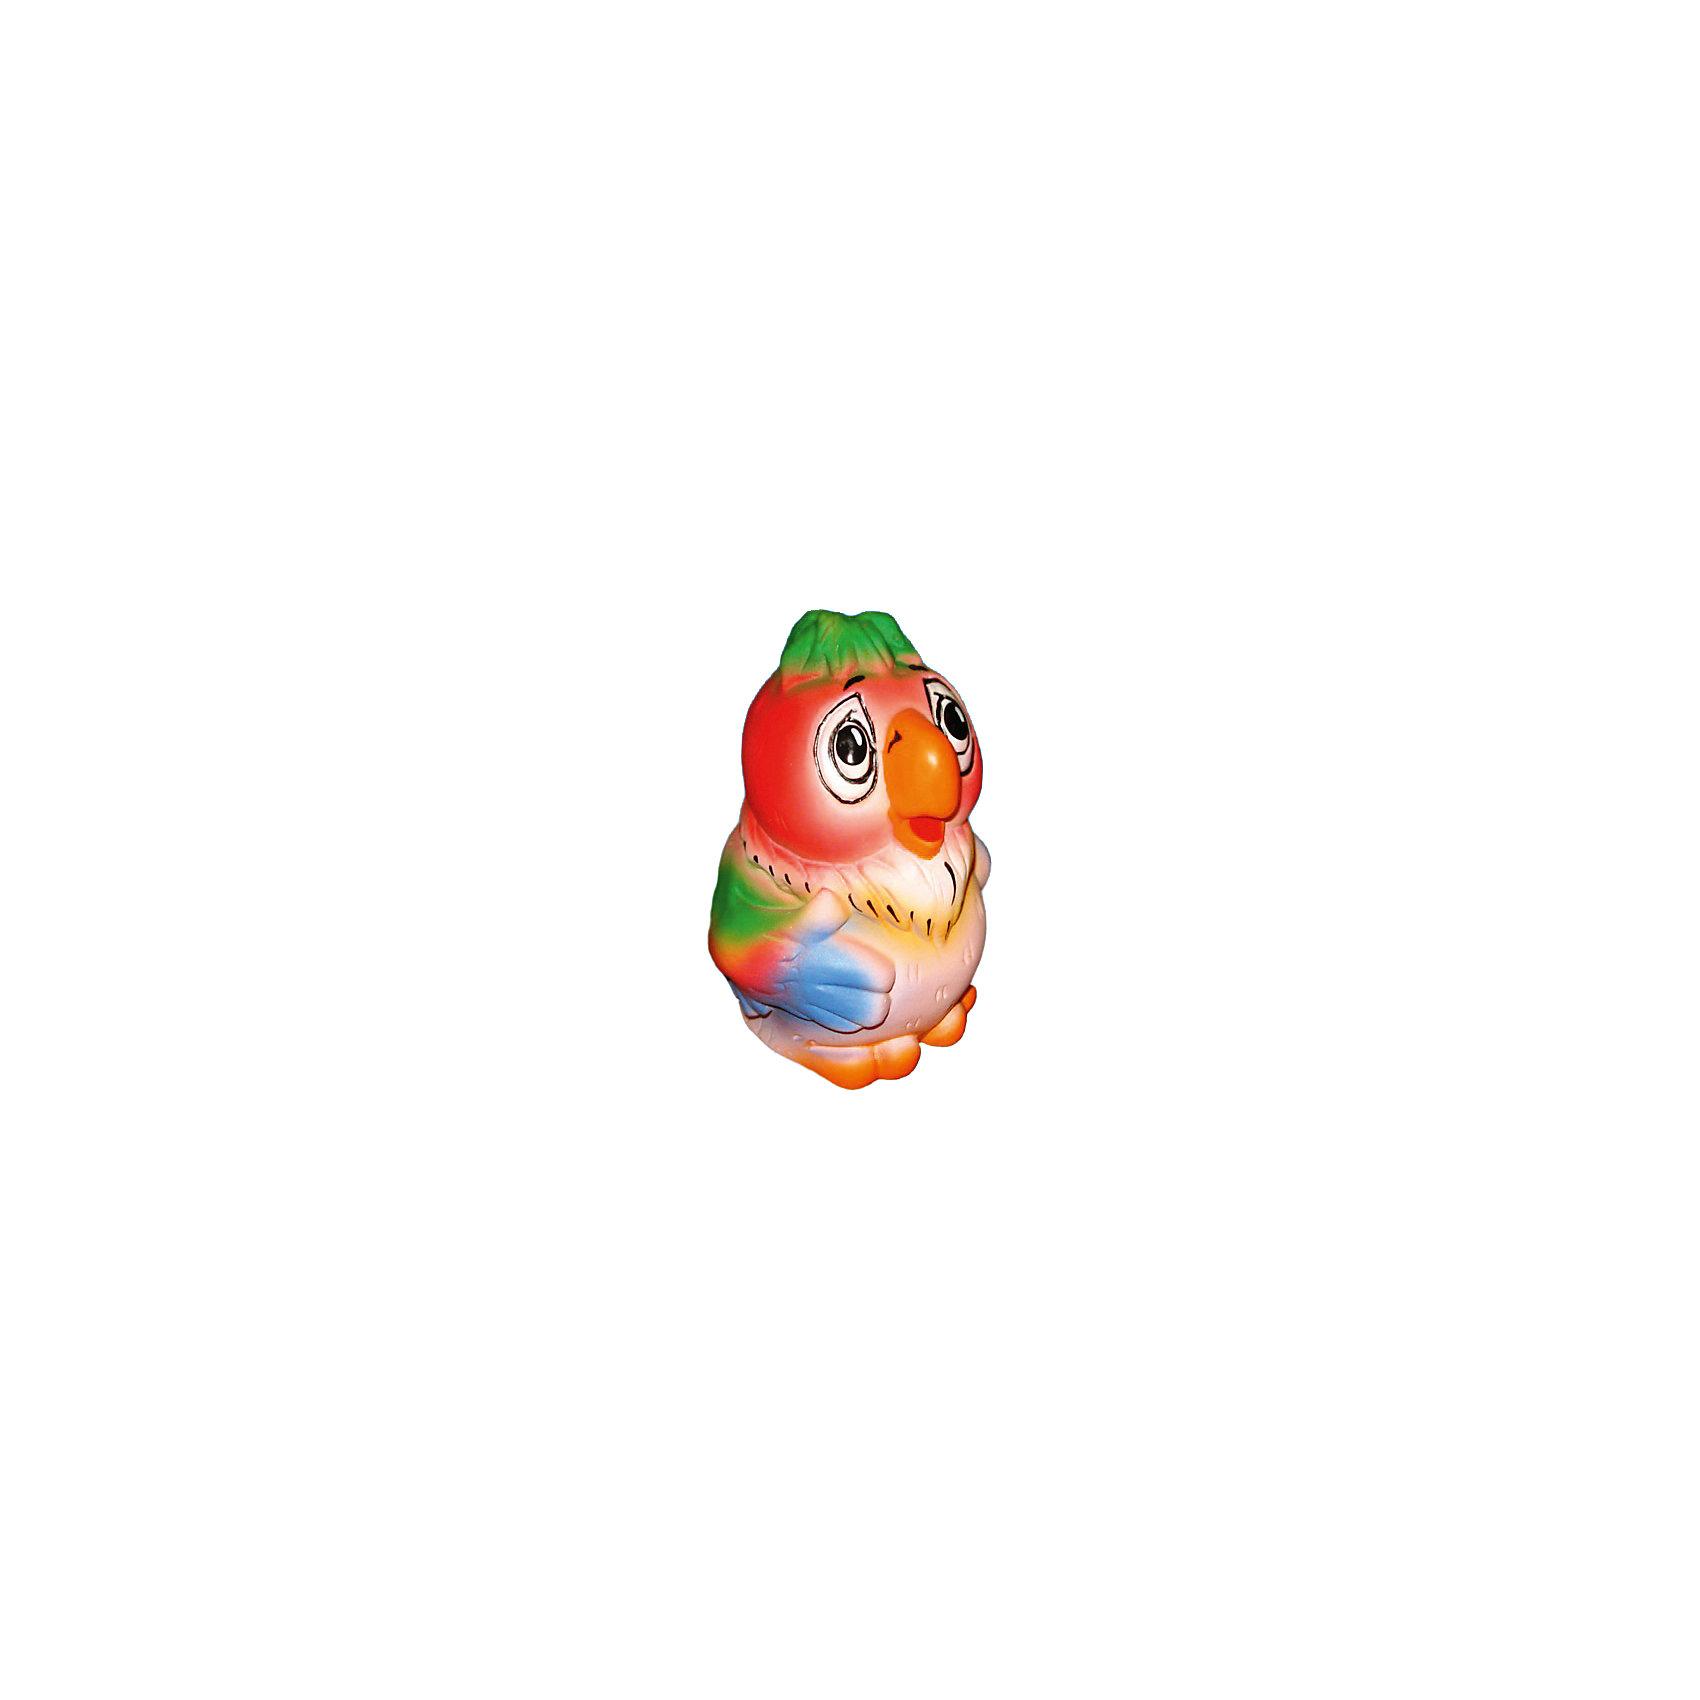 Попугай, КудесникиИгрушки для ванной<br>Игрушка Попугай, Кудесники.<br><br>Характеристика:<br><br>• Материал: ПВХ. <br>• Размер игрушки: 9 х 12 см.<br><br>Очаровательный попугай с большими добрыми глазами и яркими перышками обязательно понравится детям. Попугай похож на героя известного мультфильма - Кешу. Игрушка выполнена из высококачественных экологичных материалов, в производстве которых были использованы только безопасные нетоксичные красители. <br><br>Игрушку Попугай, Кудесники, можно купить в нашем интернет-магазине.<br><br>Ширина мм: 60<br>Глубина мм: 80<br>Высота мм: 120<br>Вес г: 100<br>Возраст от месяцев: 12<br>Возраст до месяцев: 36<br>Пол: Унисекс<br>Возраст: Детский<br>SKU: 4896442